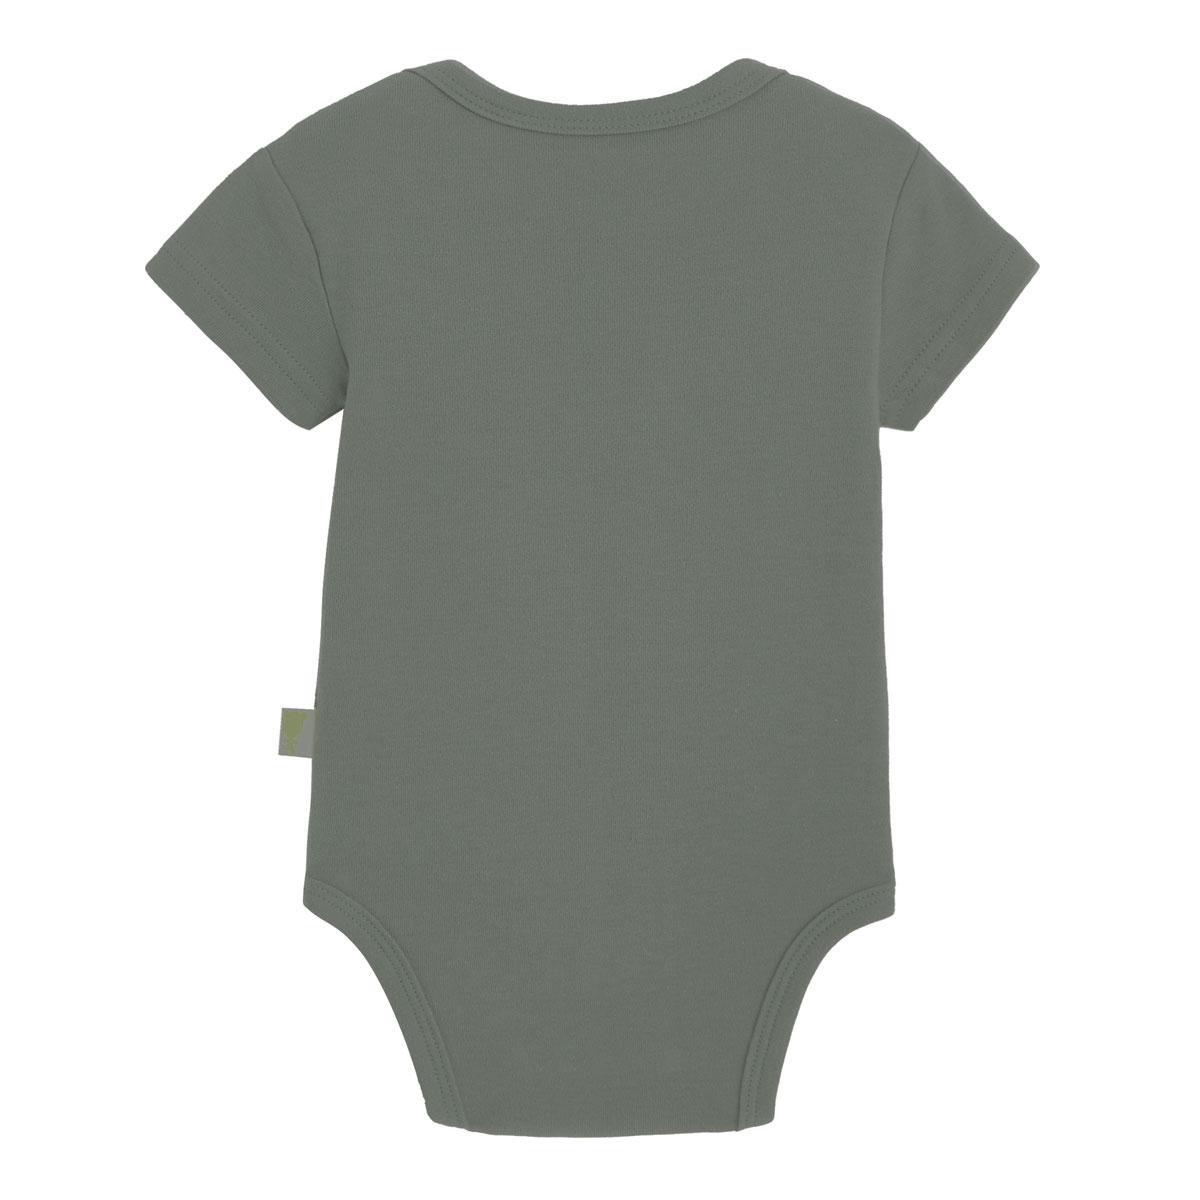 Lot de 2 bodies bébé garçon manches courtes Petit Safari kaki dos